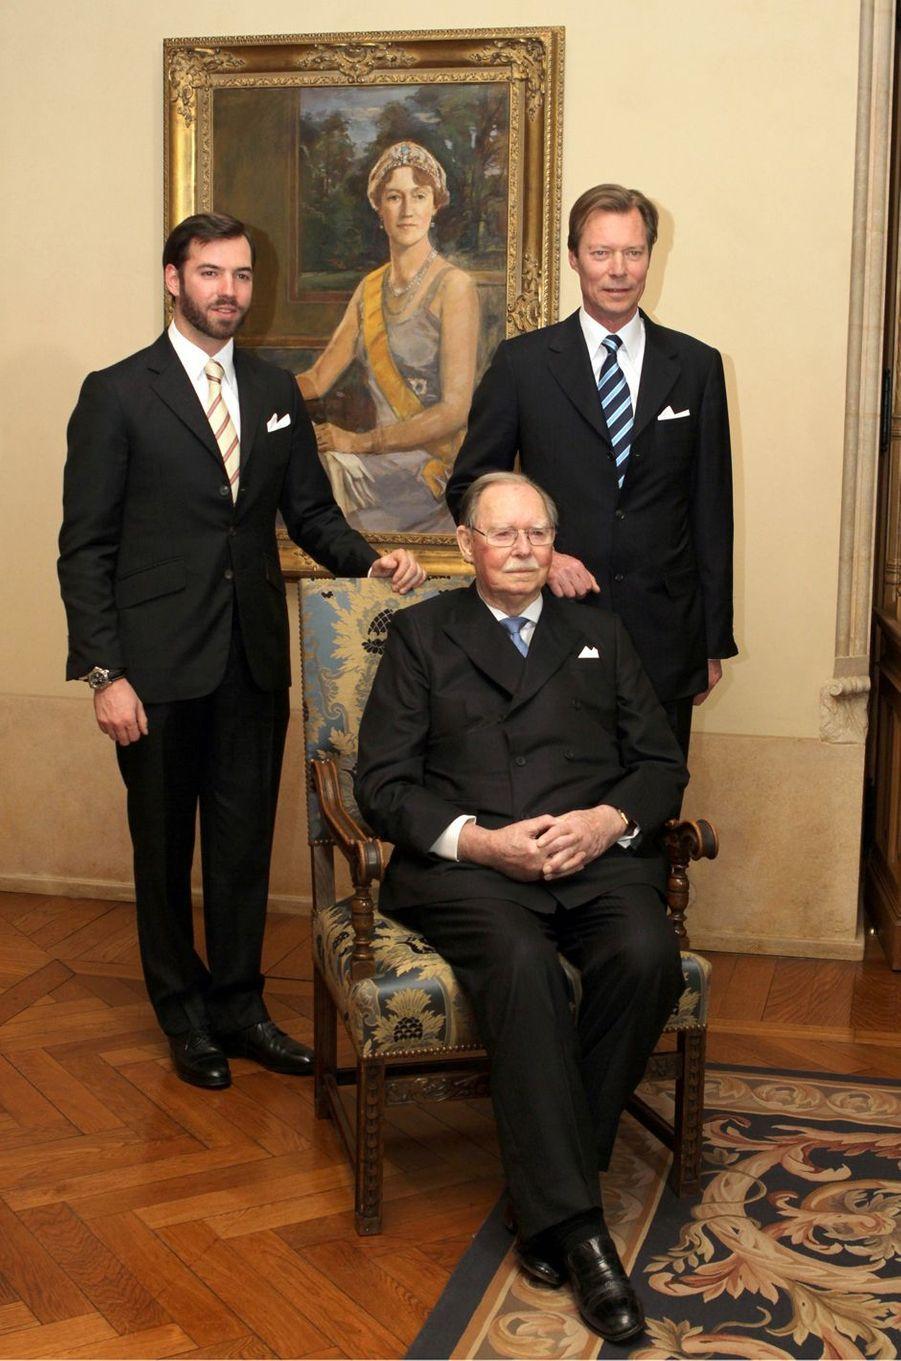 L'ex-grand-duc Jean de Luxembourg avec le grand-duc Henri et le grand-duc héritier le prince Guillaume, le 5 janvier 2011